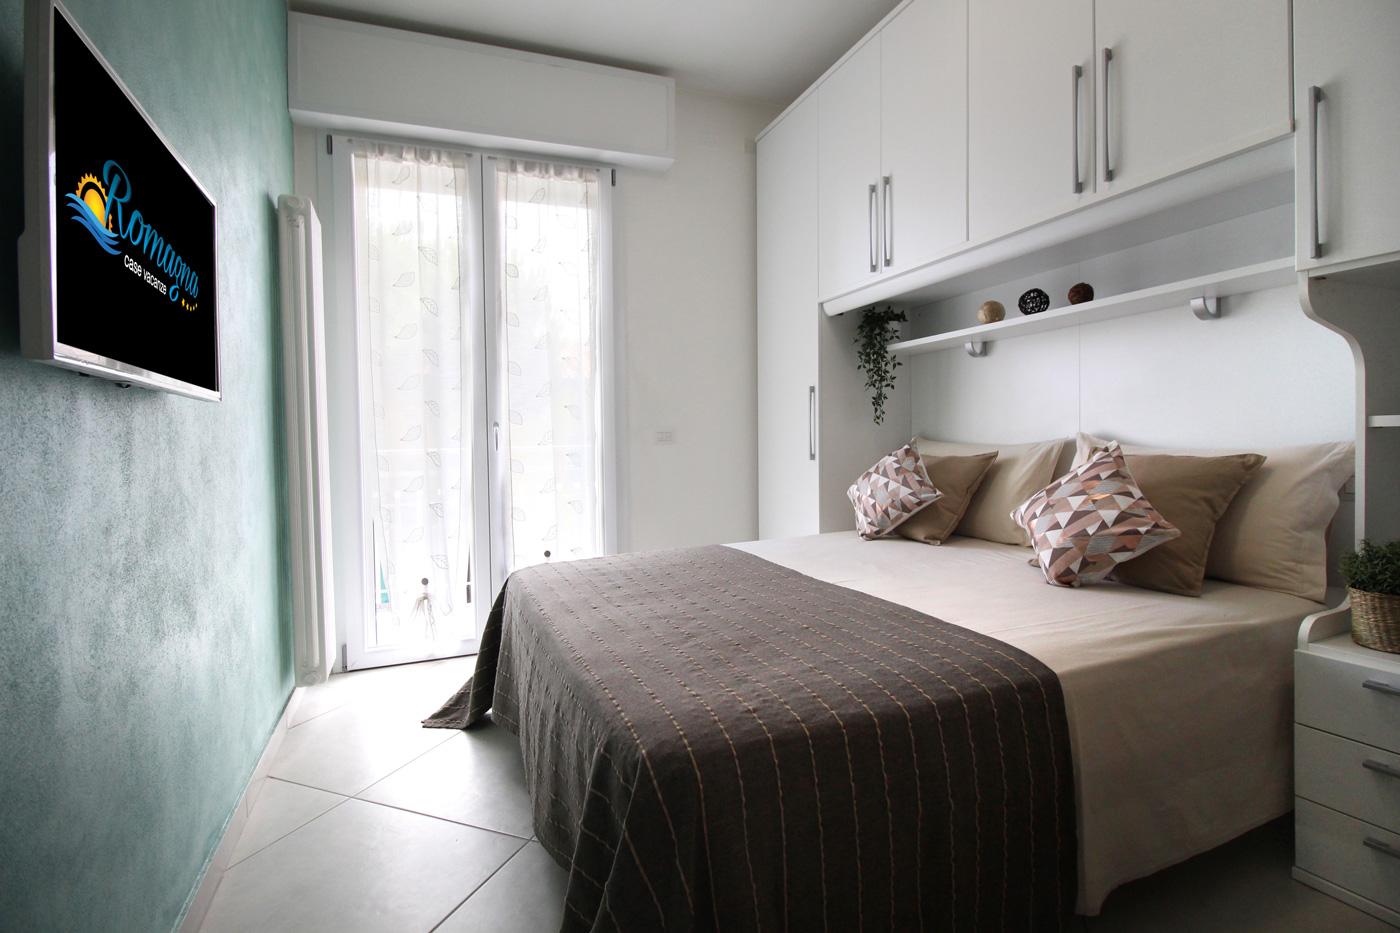 Appartamento Sofia_Romagna case vacanze_Gatteo mare_San mauro_9716_2